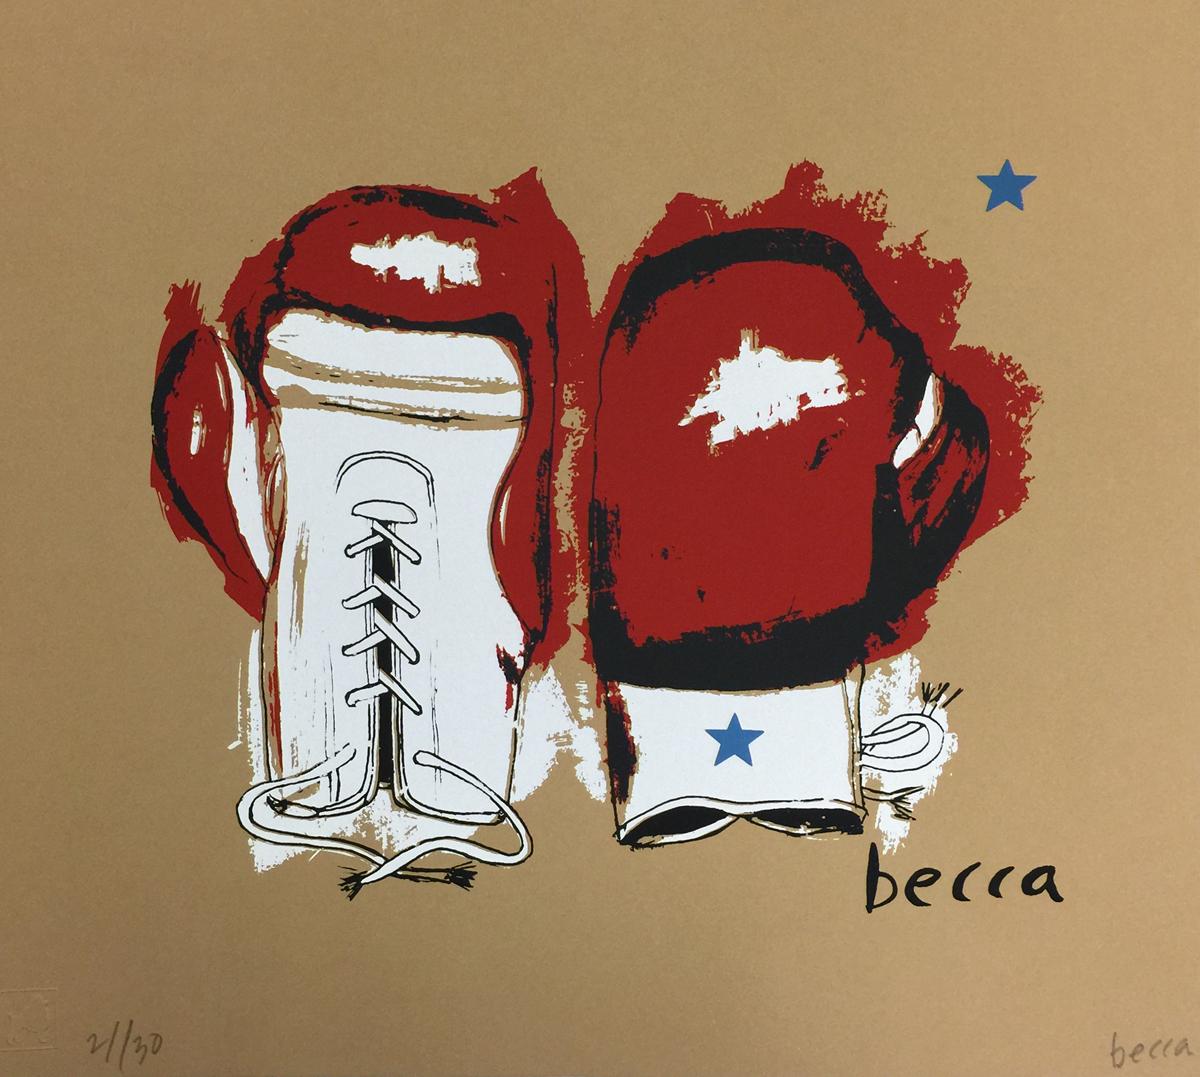 Becca ringside